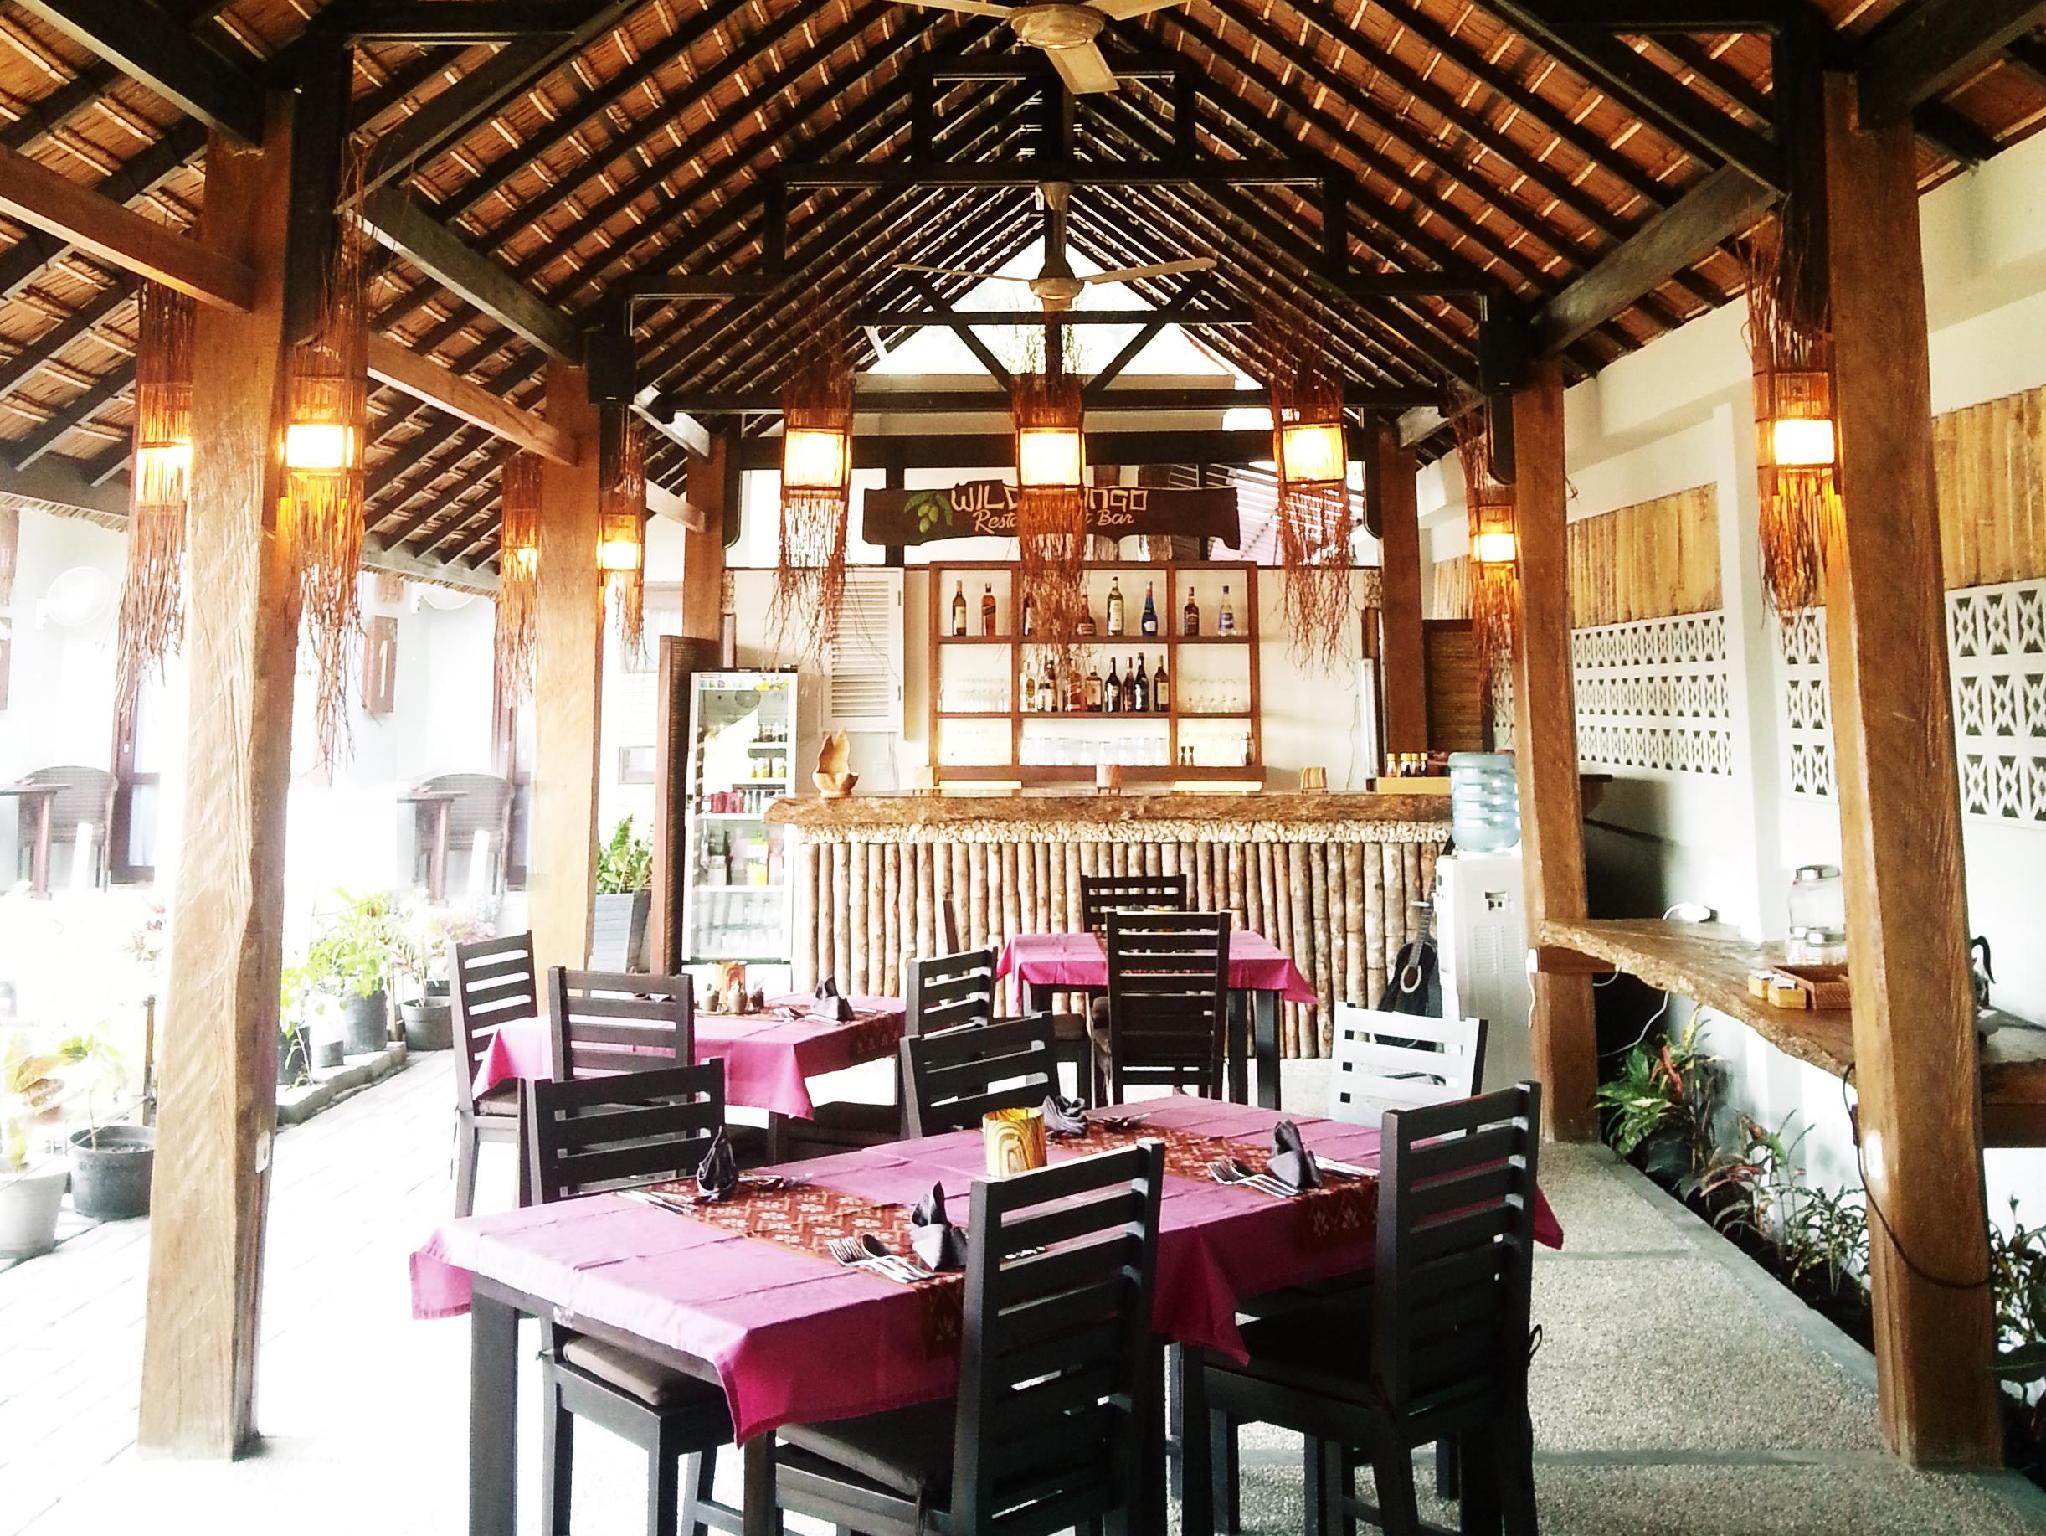 Hotel Cocotinos Lembeh a Boutique Dive Lodge - Makawidey Ling II Kec. Aertembaga - Bitung